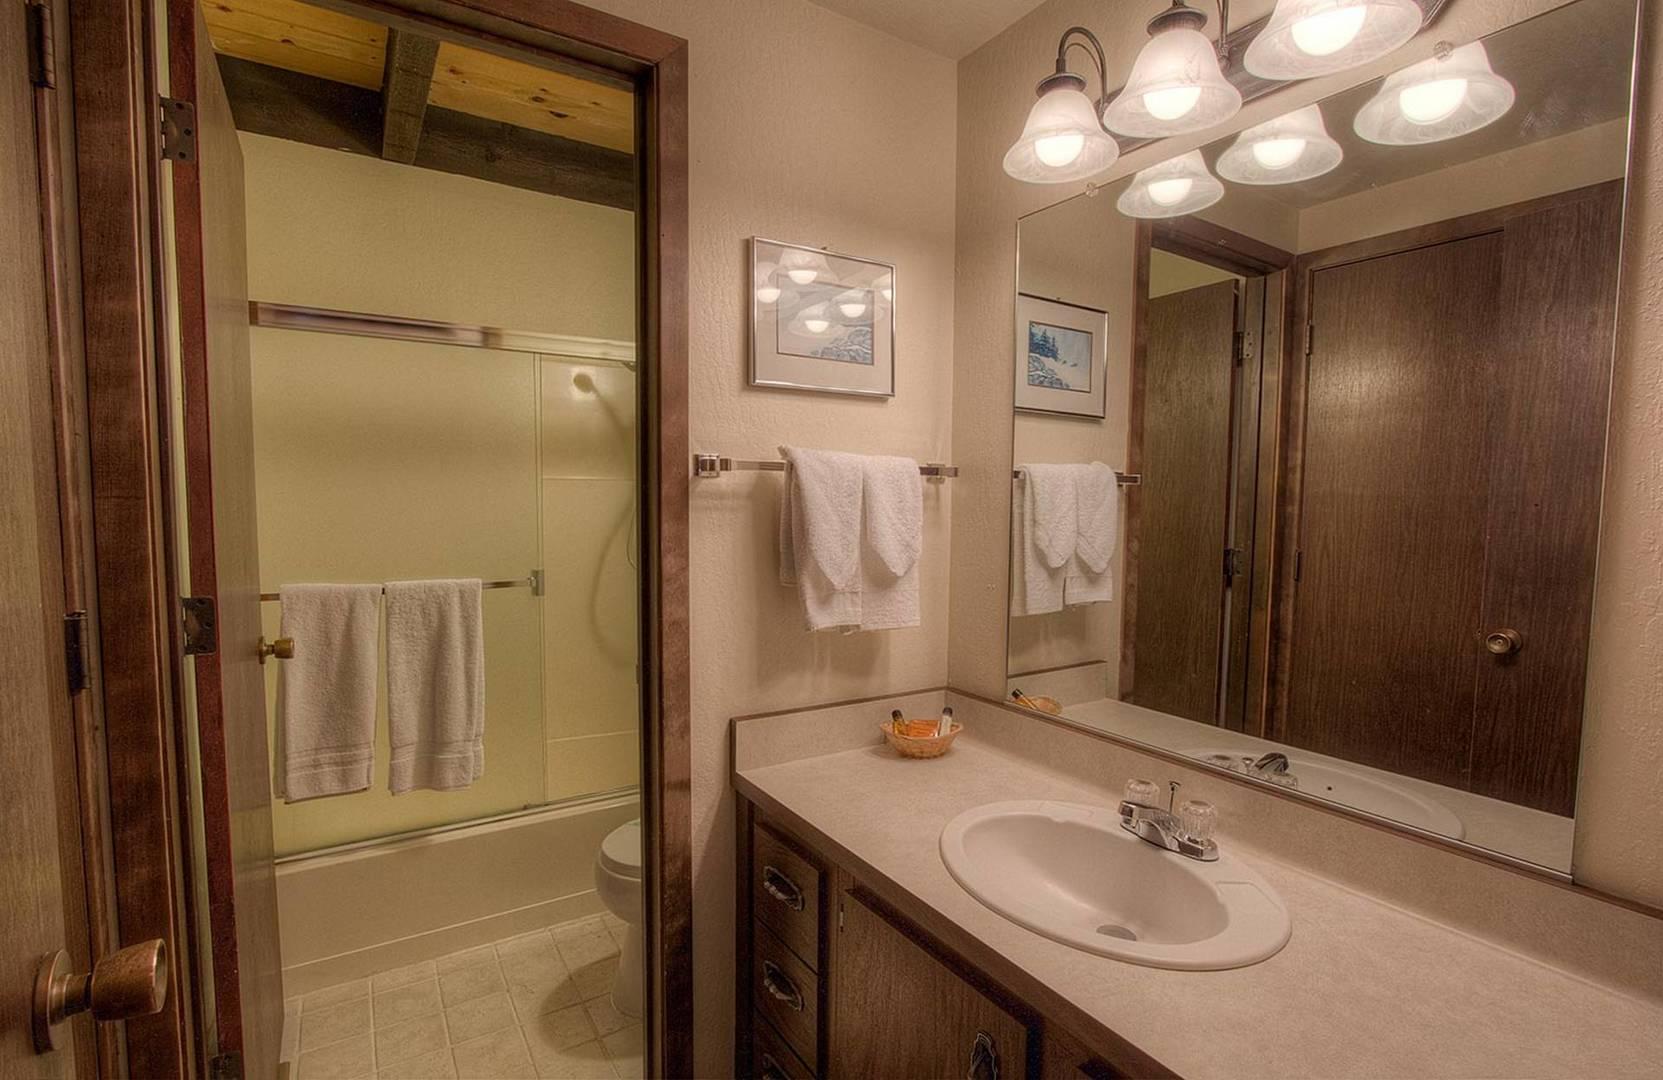 KWC0655 Bathroom